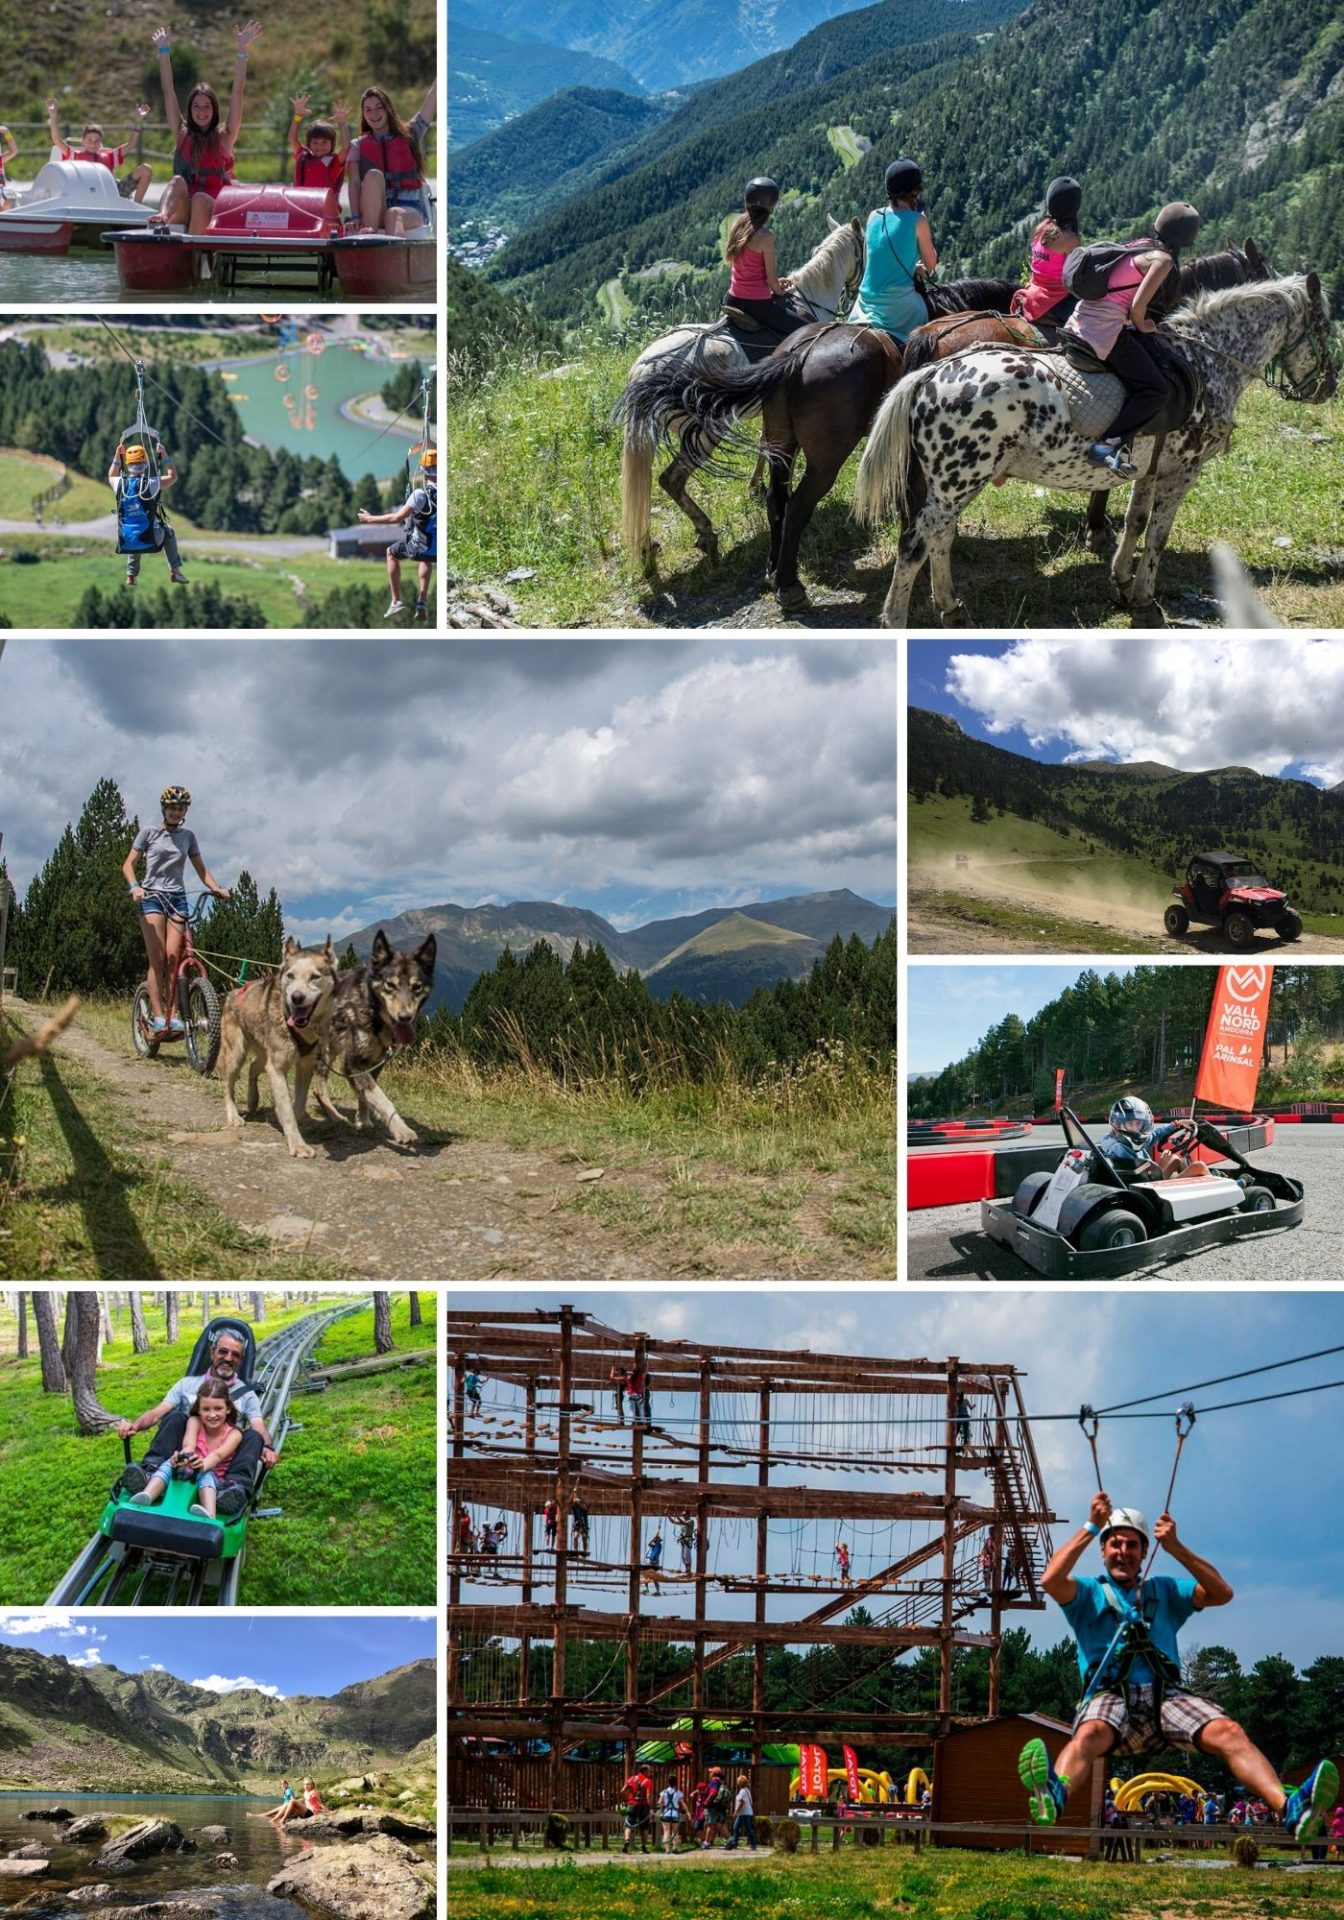 Family fun in Andorra